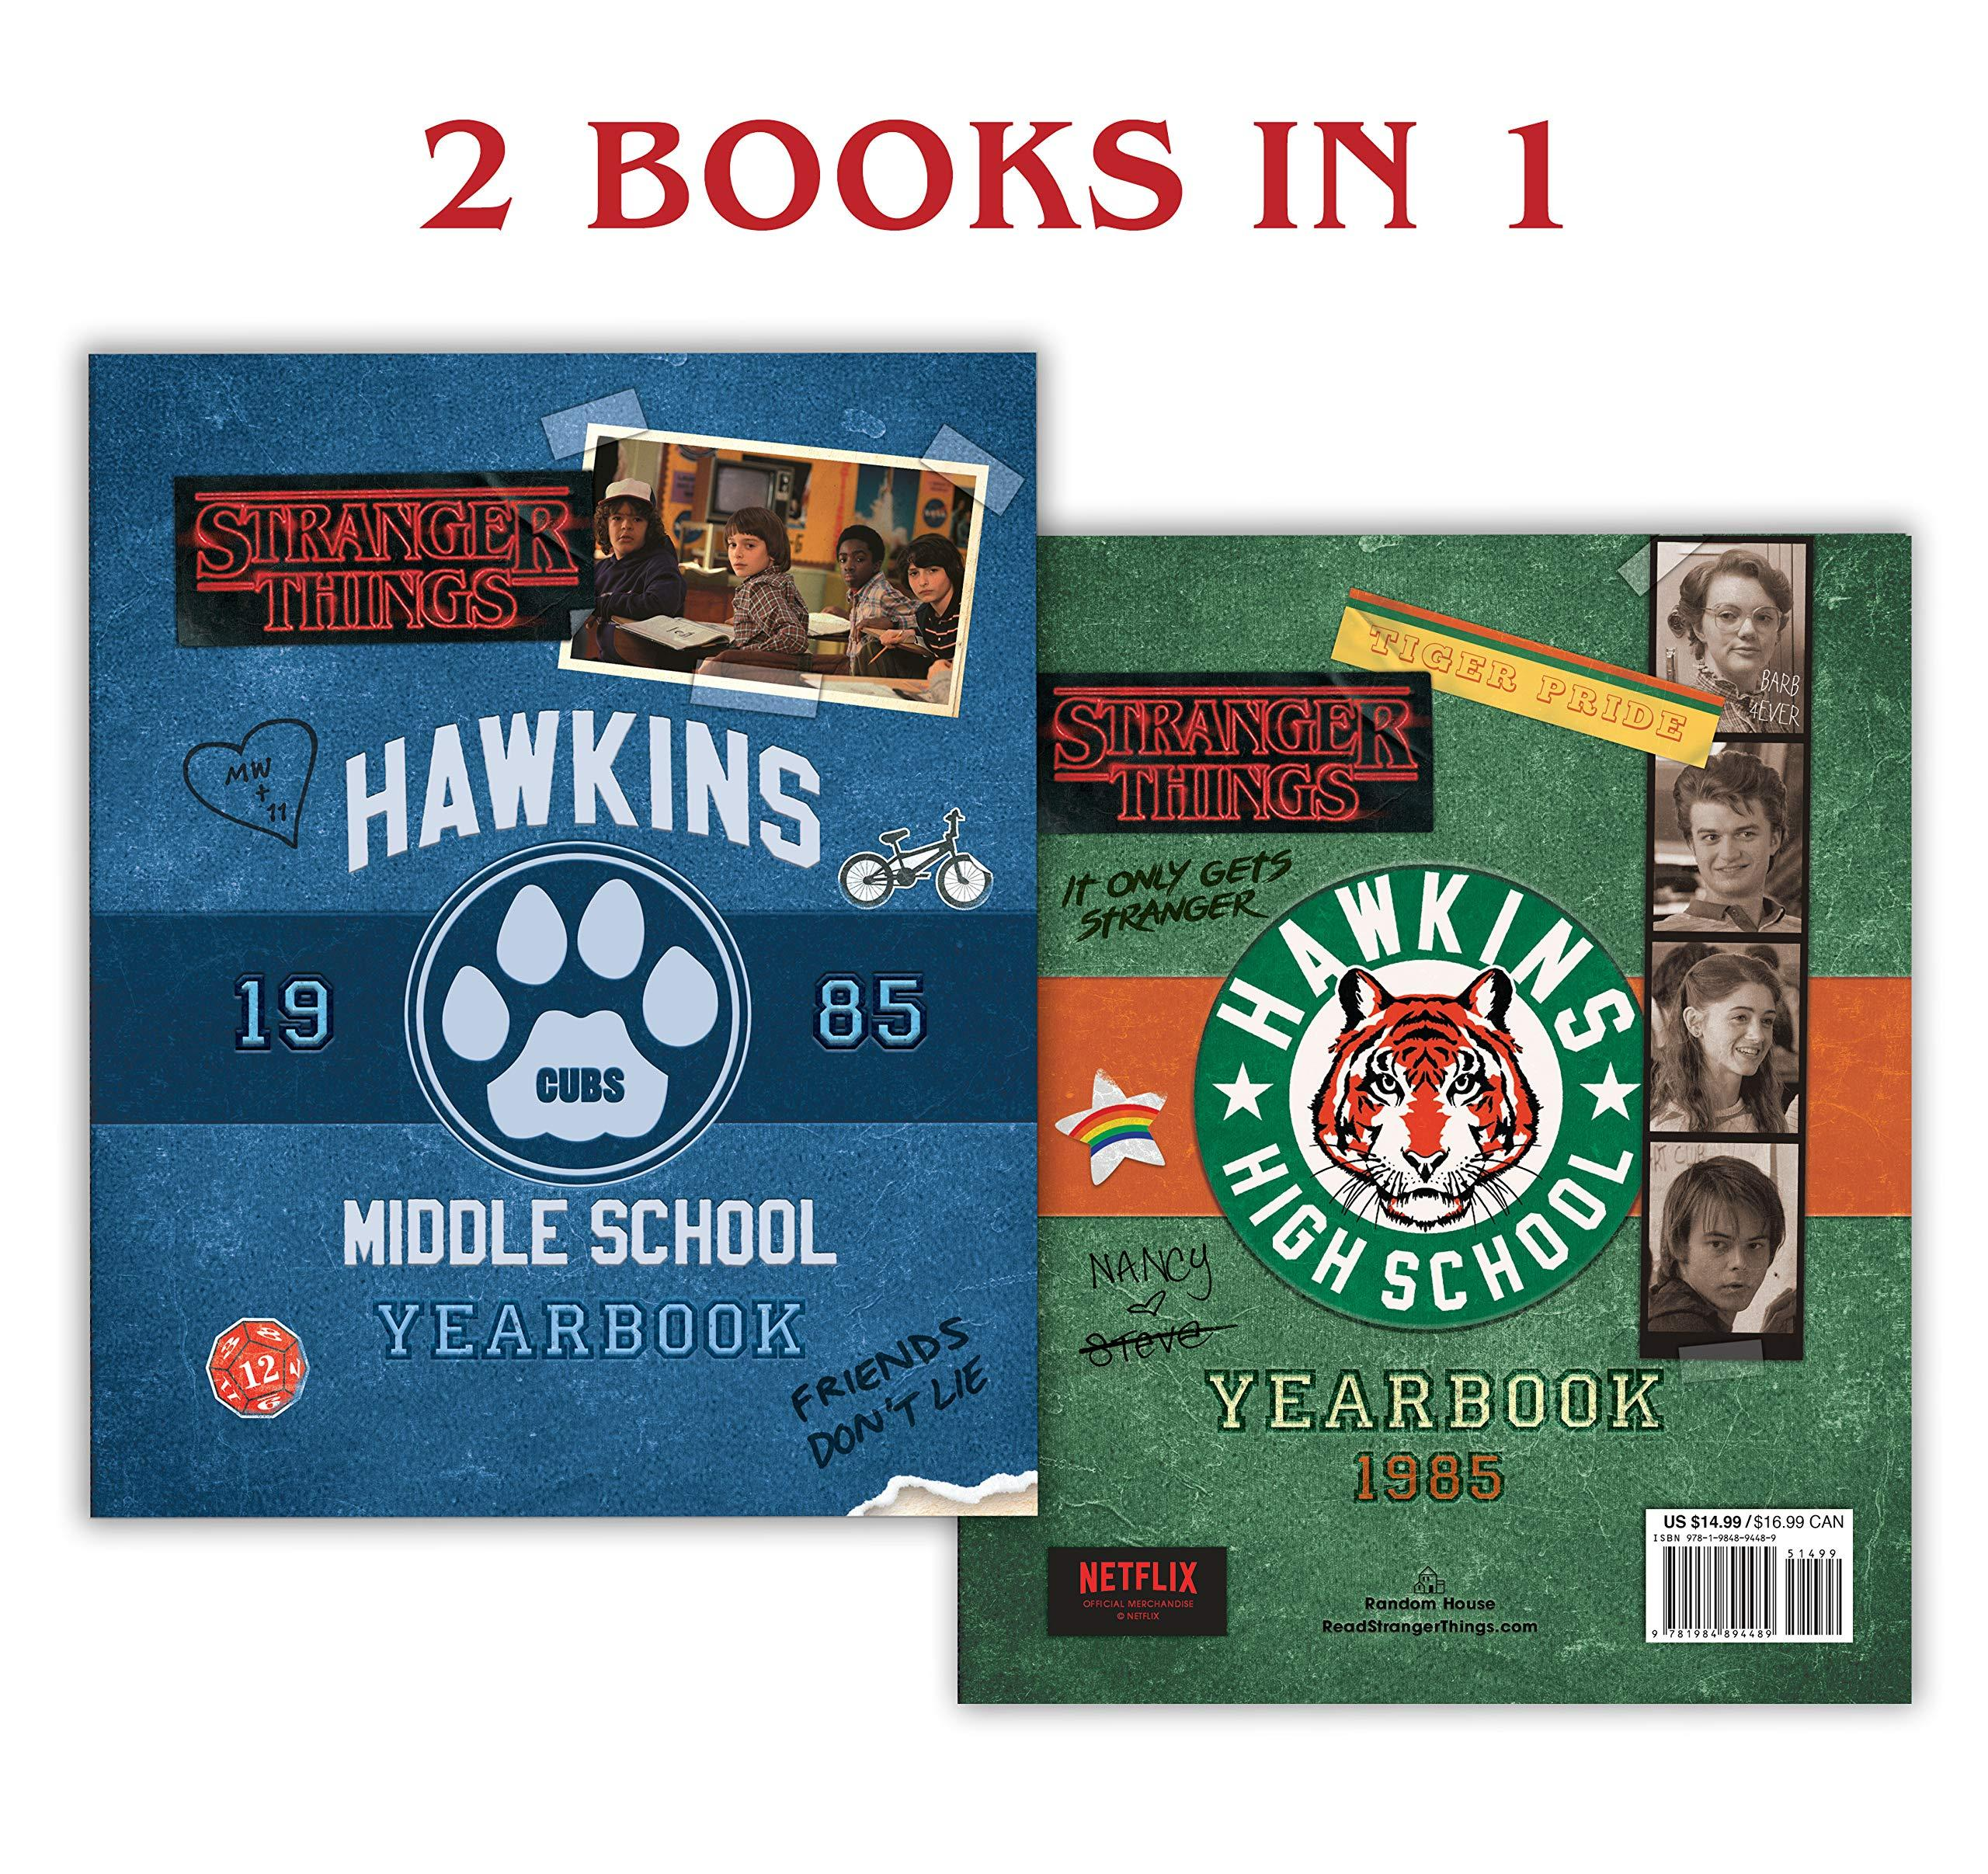 Hawkins Middle School Yearbook/Hawkins High School Yearbook (Stranger Things) by  Matthew J Gilbert